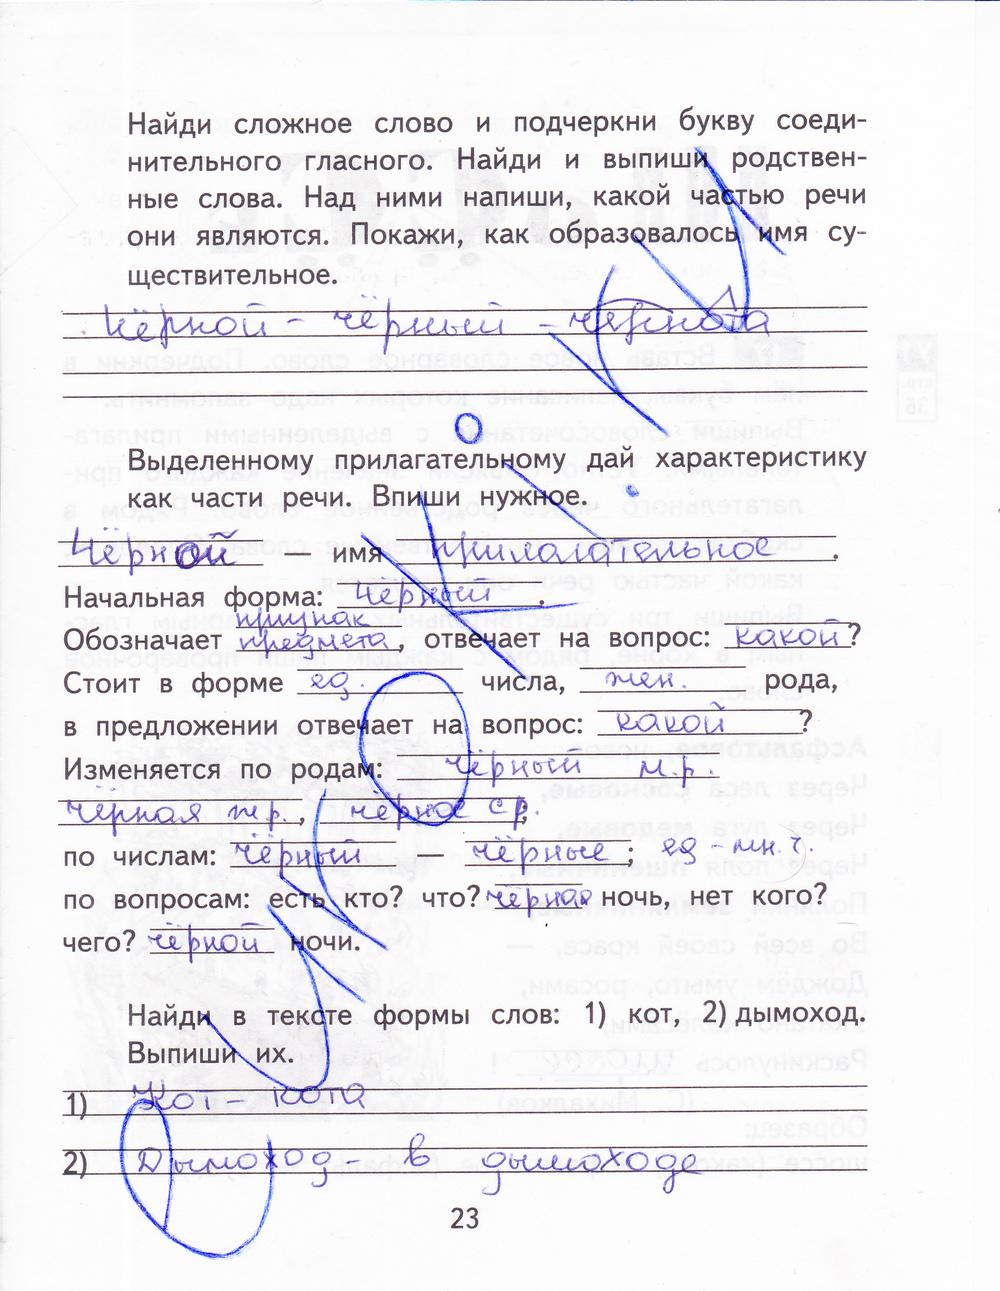 Посмотреть готовые домашние задания по русскому языку 2 класс байкова